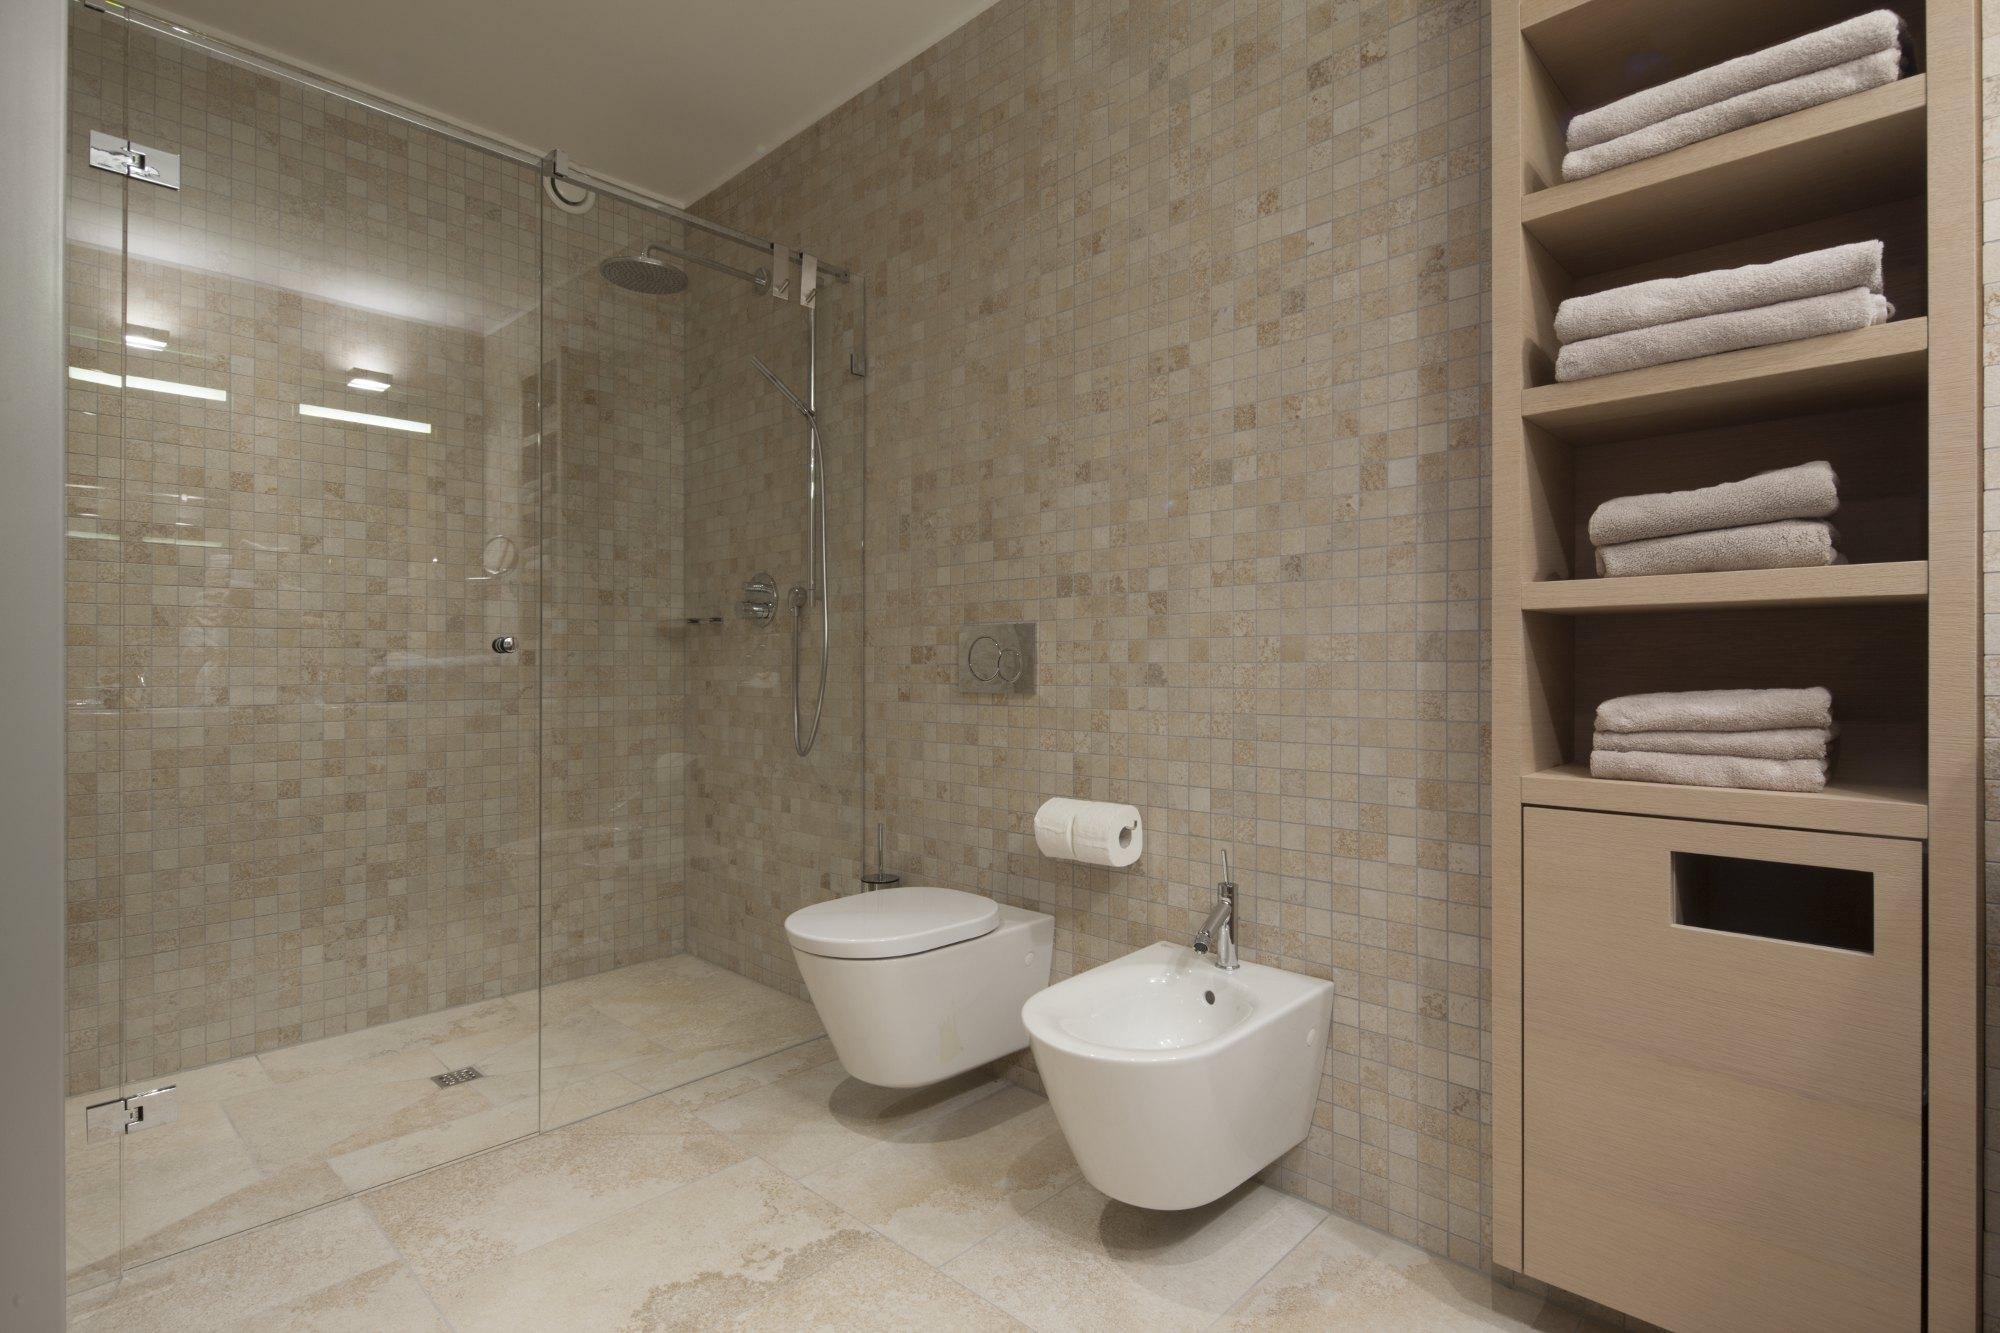 stunning schr nke f r badezimmer images house design. Black Bedroom Furniture Sets. Home Design Ideas